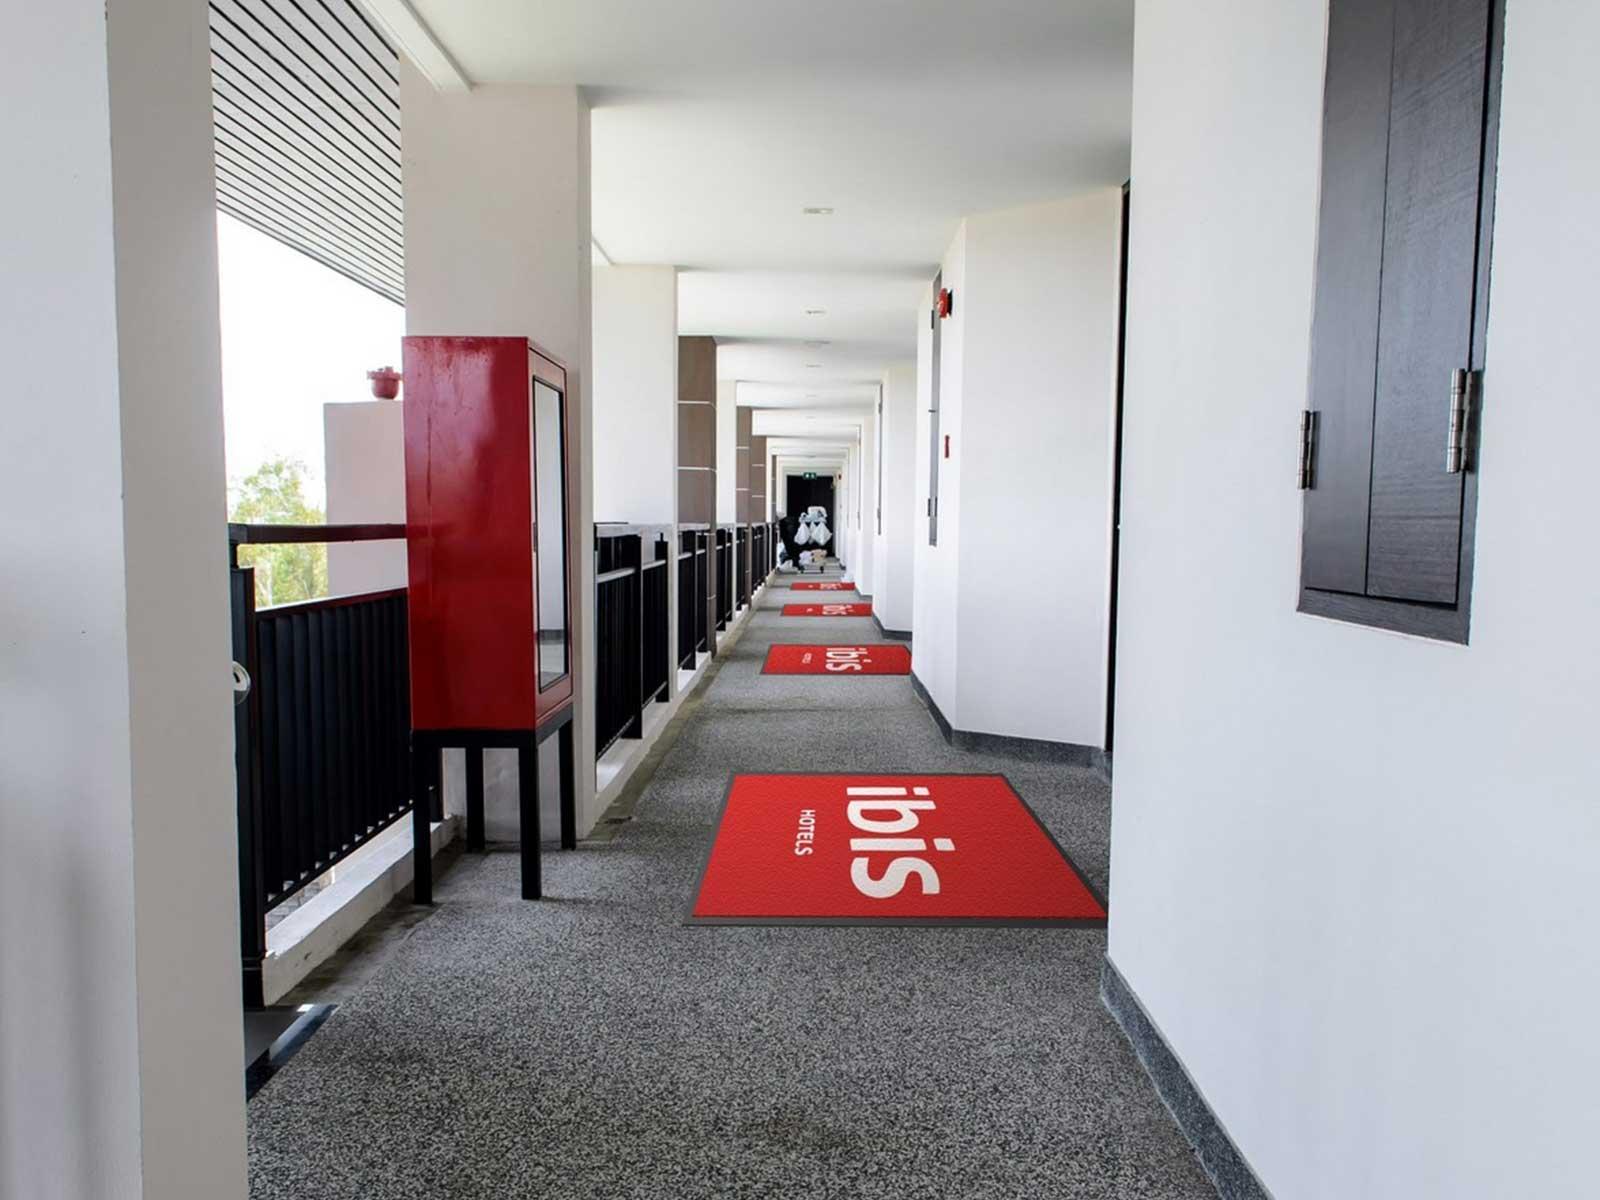 Tapis du0026#39;accueil patio 60 x 90 cm - Tapis publicitaire - Expoz